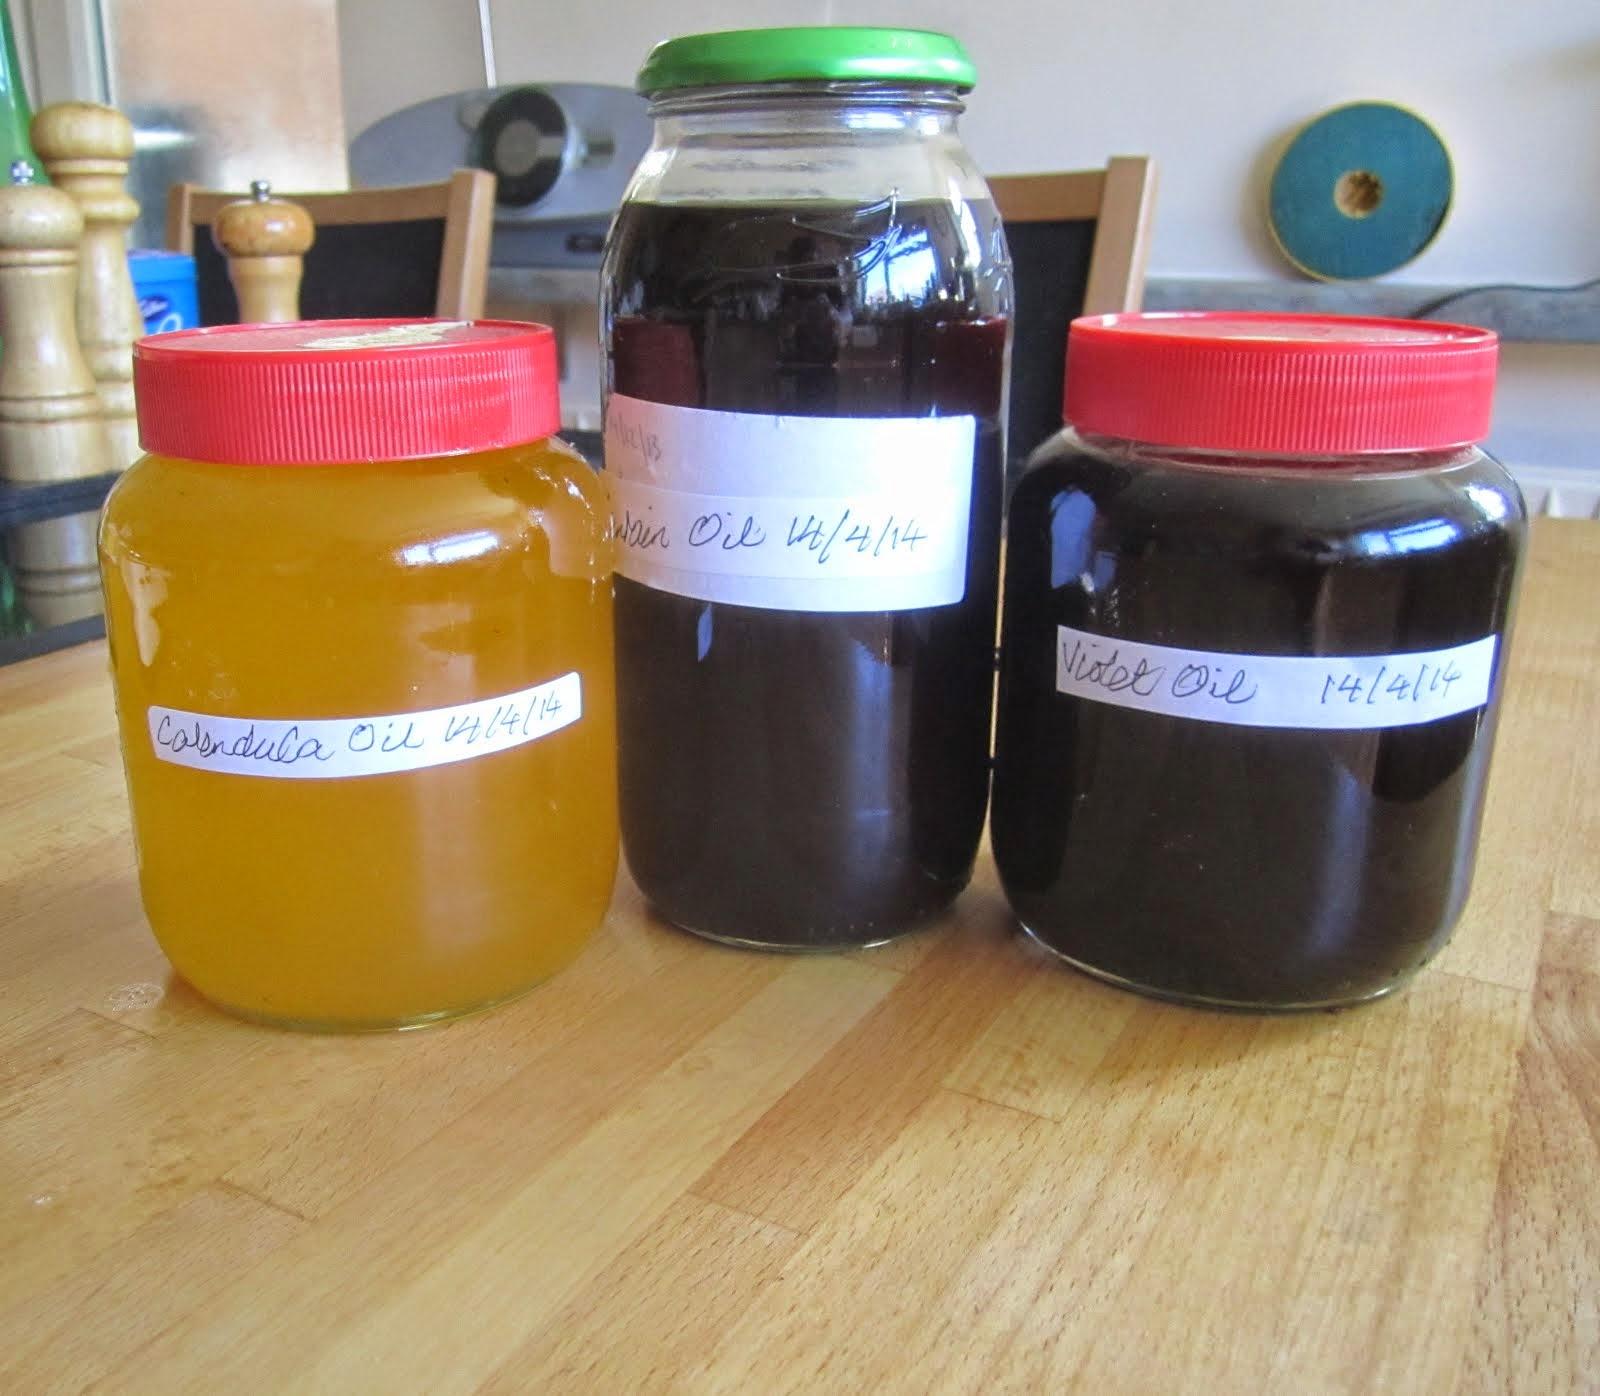 Favour oils